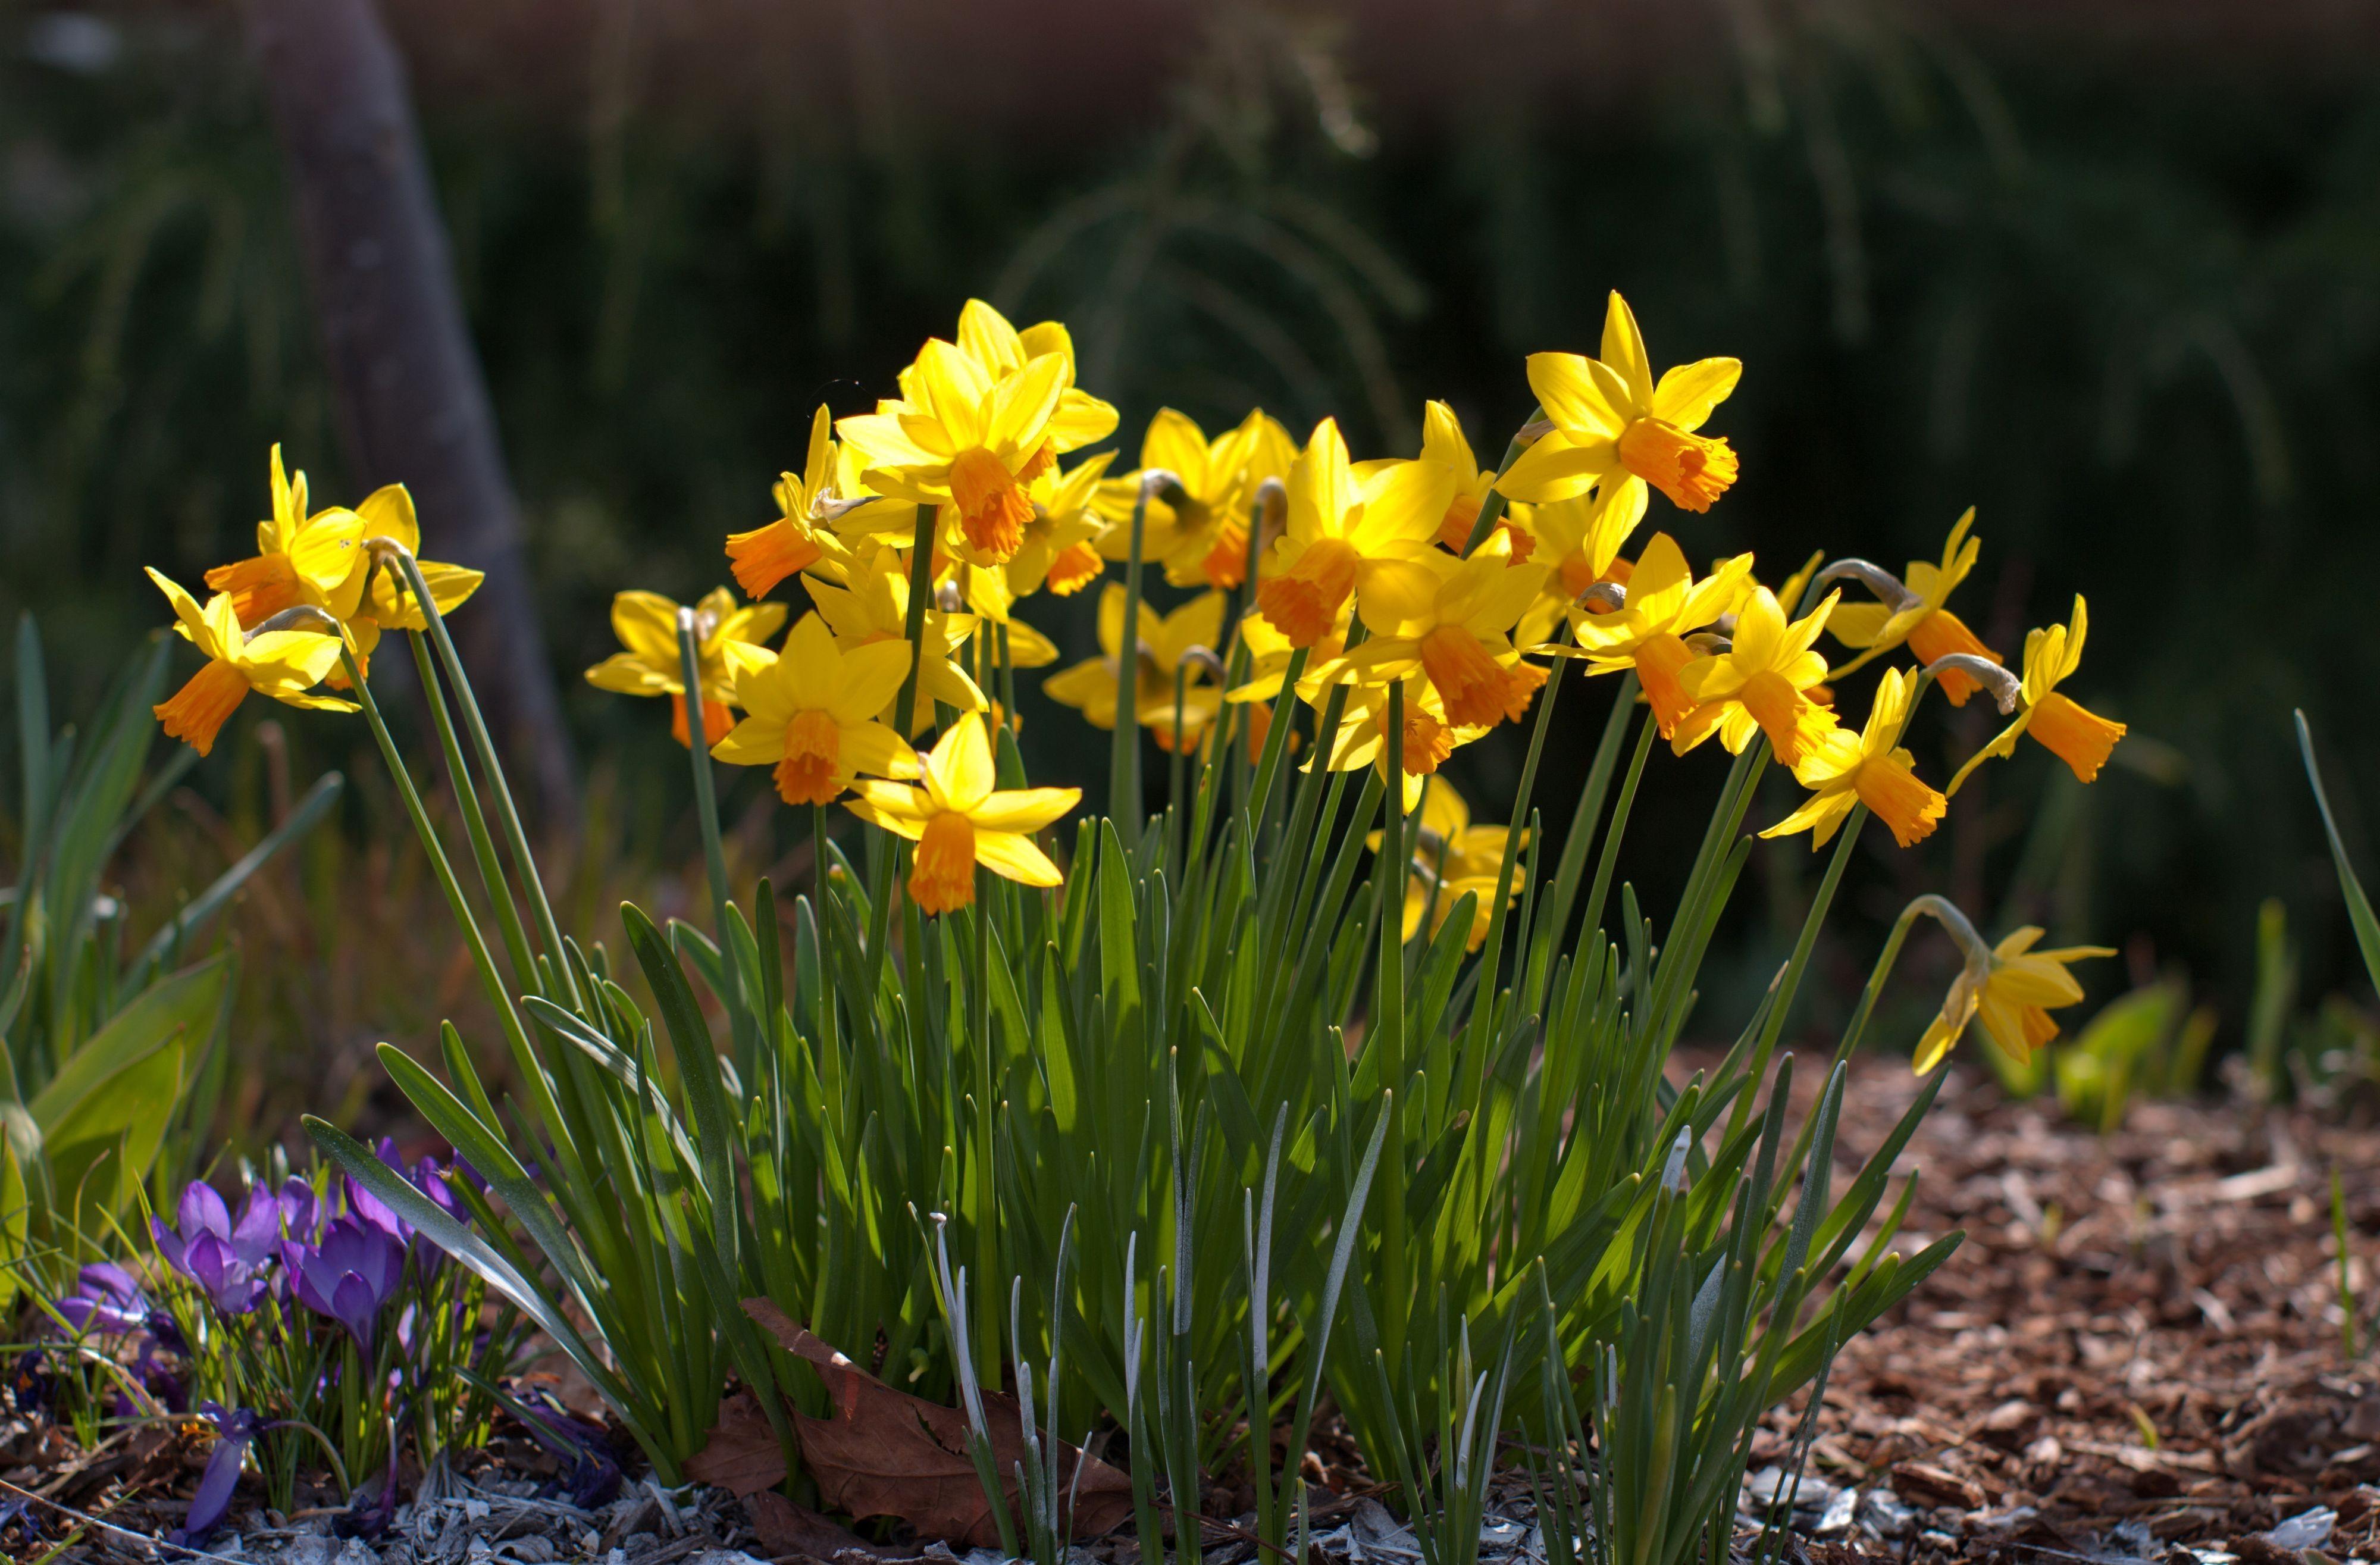 140900 Заставки и Обои Нарциссы на телефон. Скачать Цветы, Нарциссы, Поляна, Весна, Солнечно, Крокусы картинки бесплатно